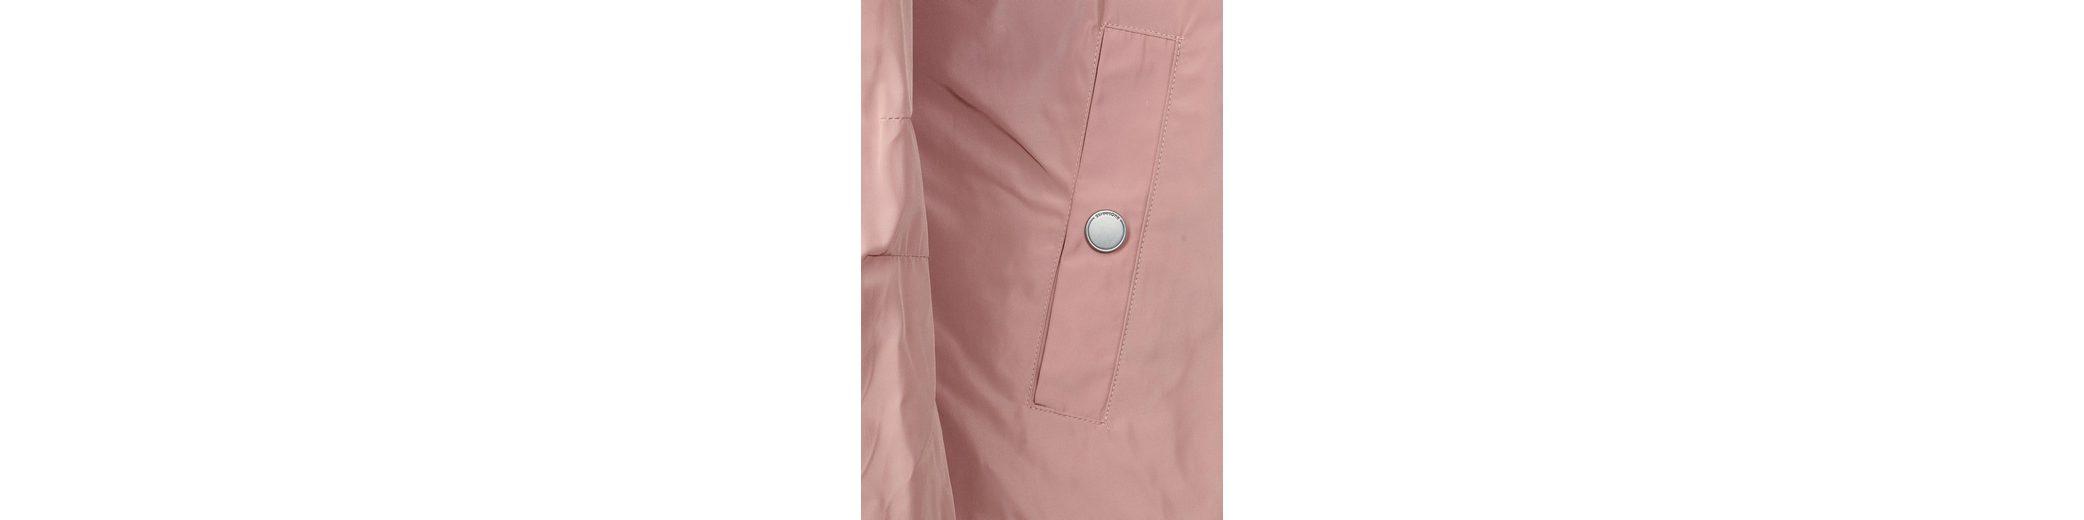 Günstig Kaufen Low-Cost Sauber Und Klassisch Street One Kurze Nylon Jacke Verkauf Günstigsten Preis ULvSrTSJGR